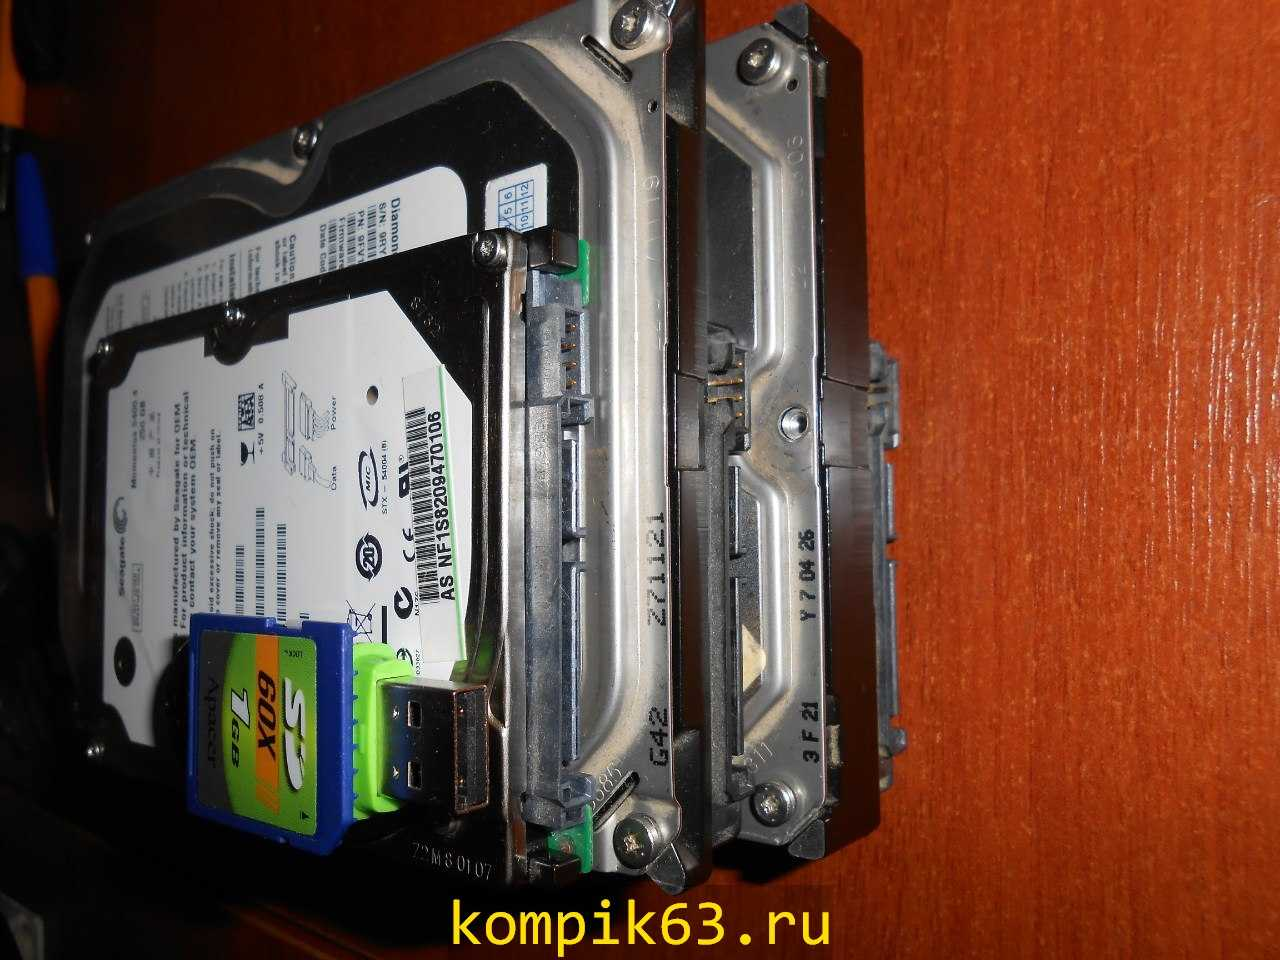 kompik63.ru-017